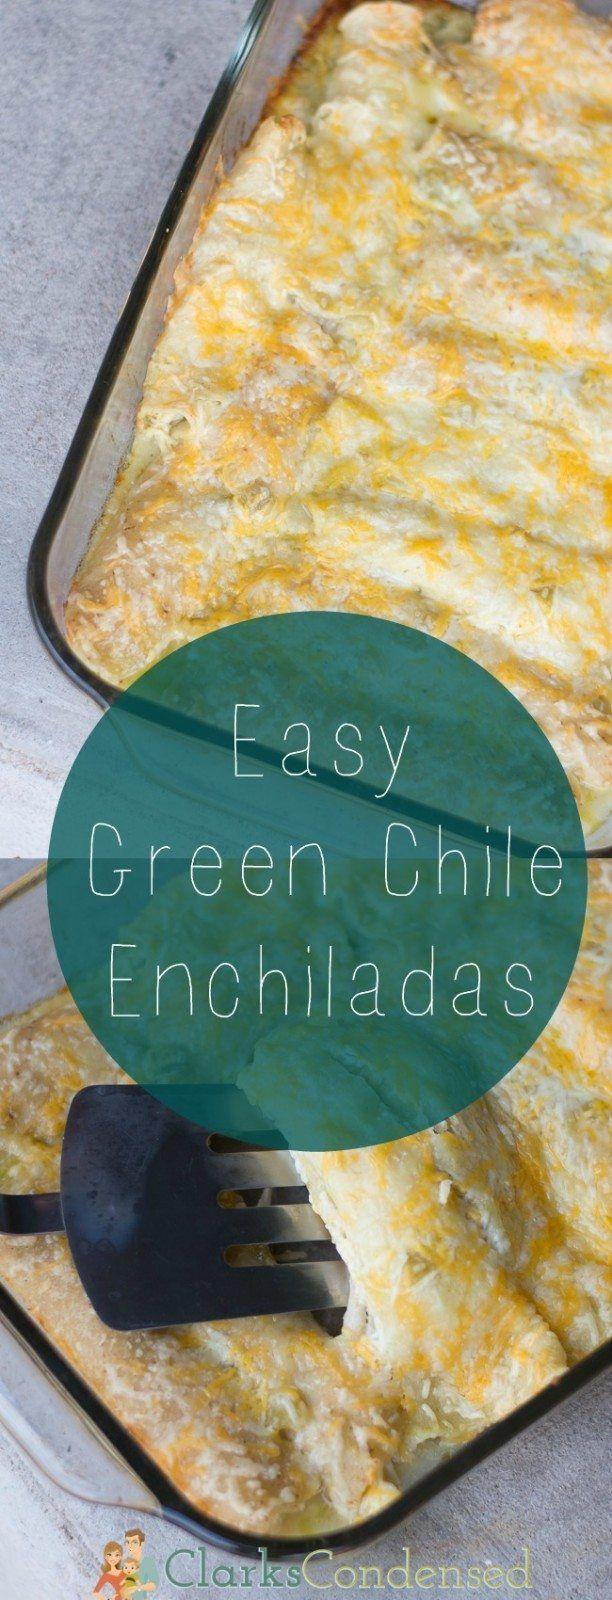 chicken enchilada / easy enchilada recipe / enchilada sauce / enchilada casserole / enchiladas chicken / green enchilada / enchilada verdes